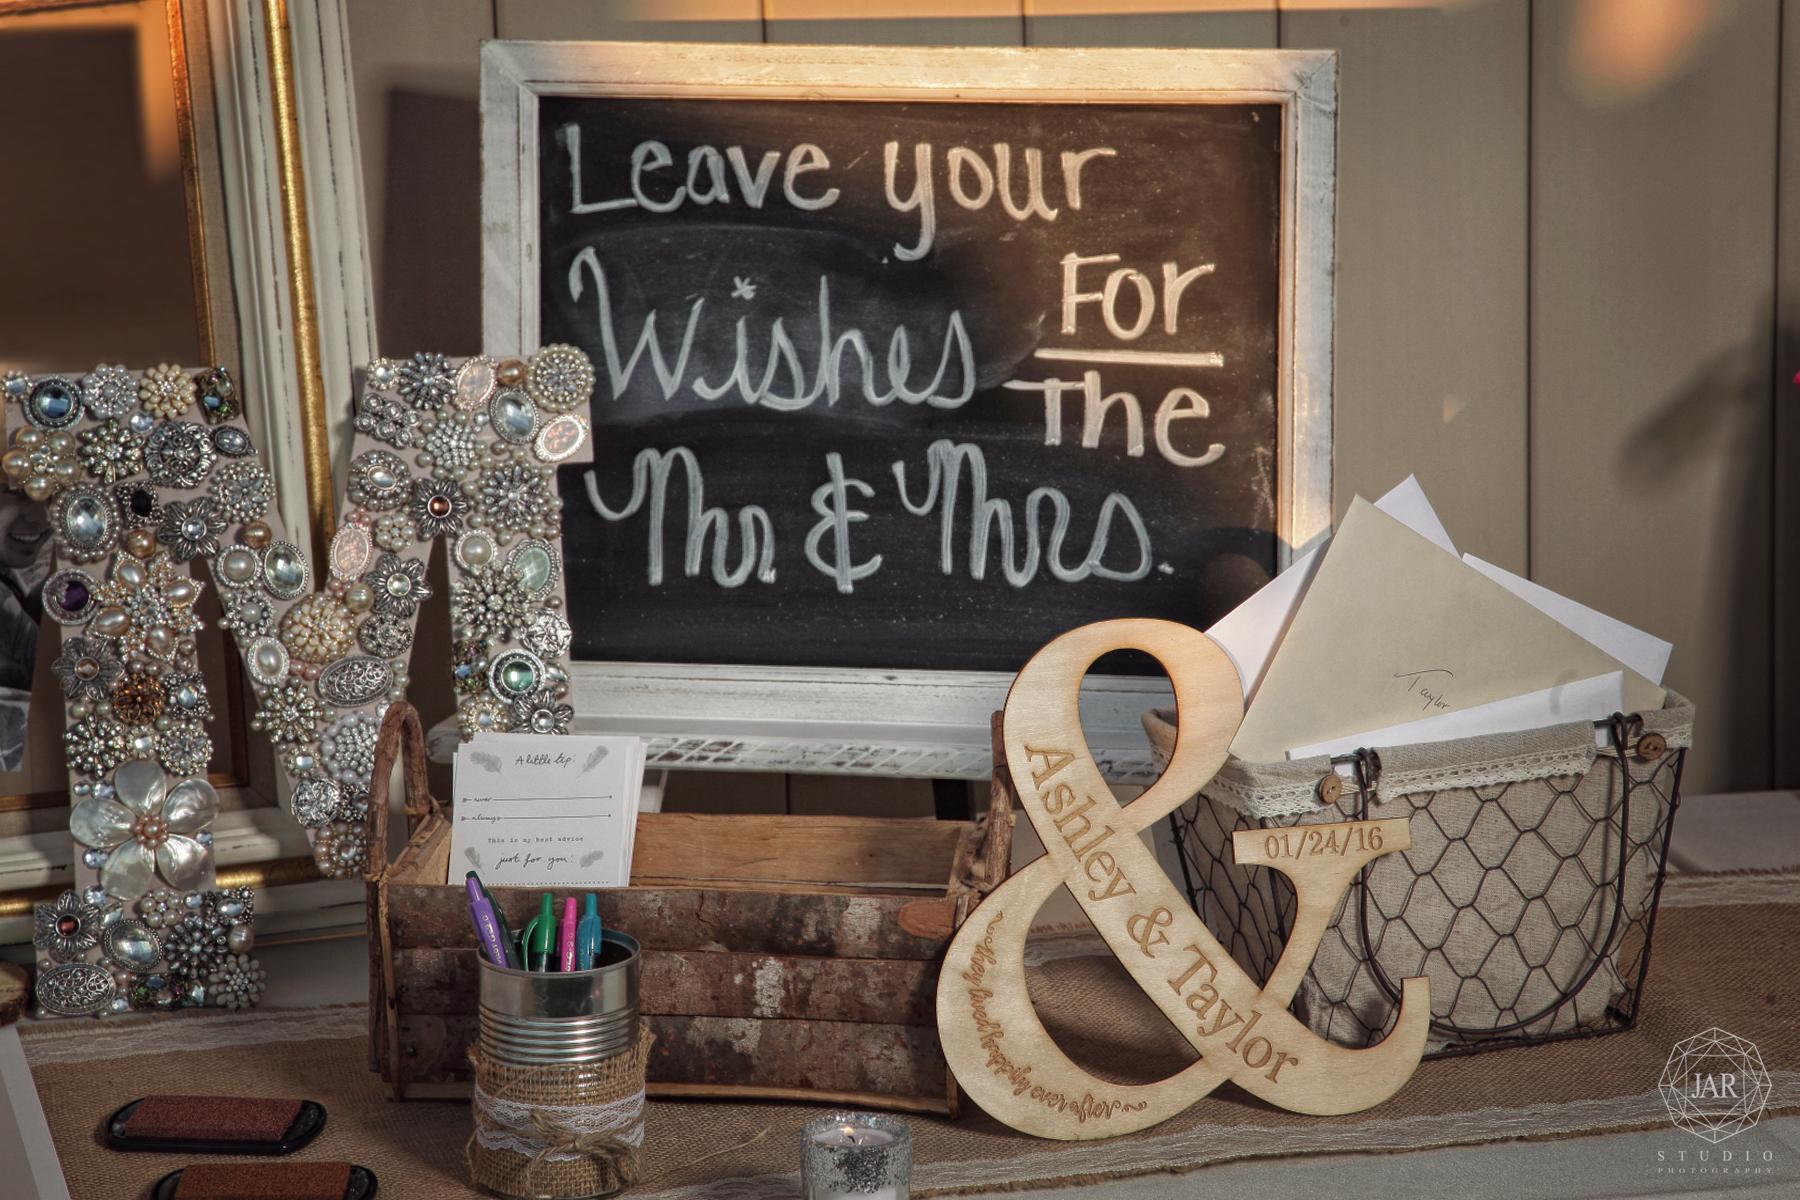 36-wishes-sign-letter-wedding-details-deco-jarstudio.JPG